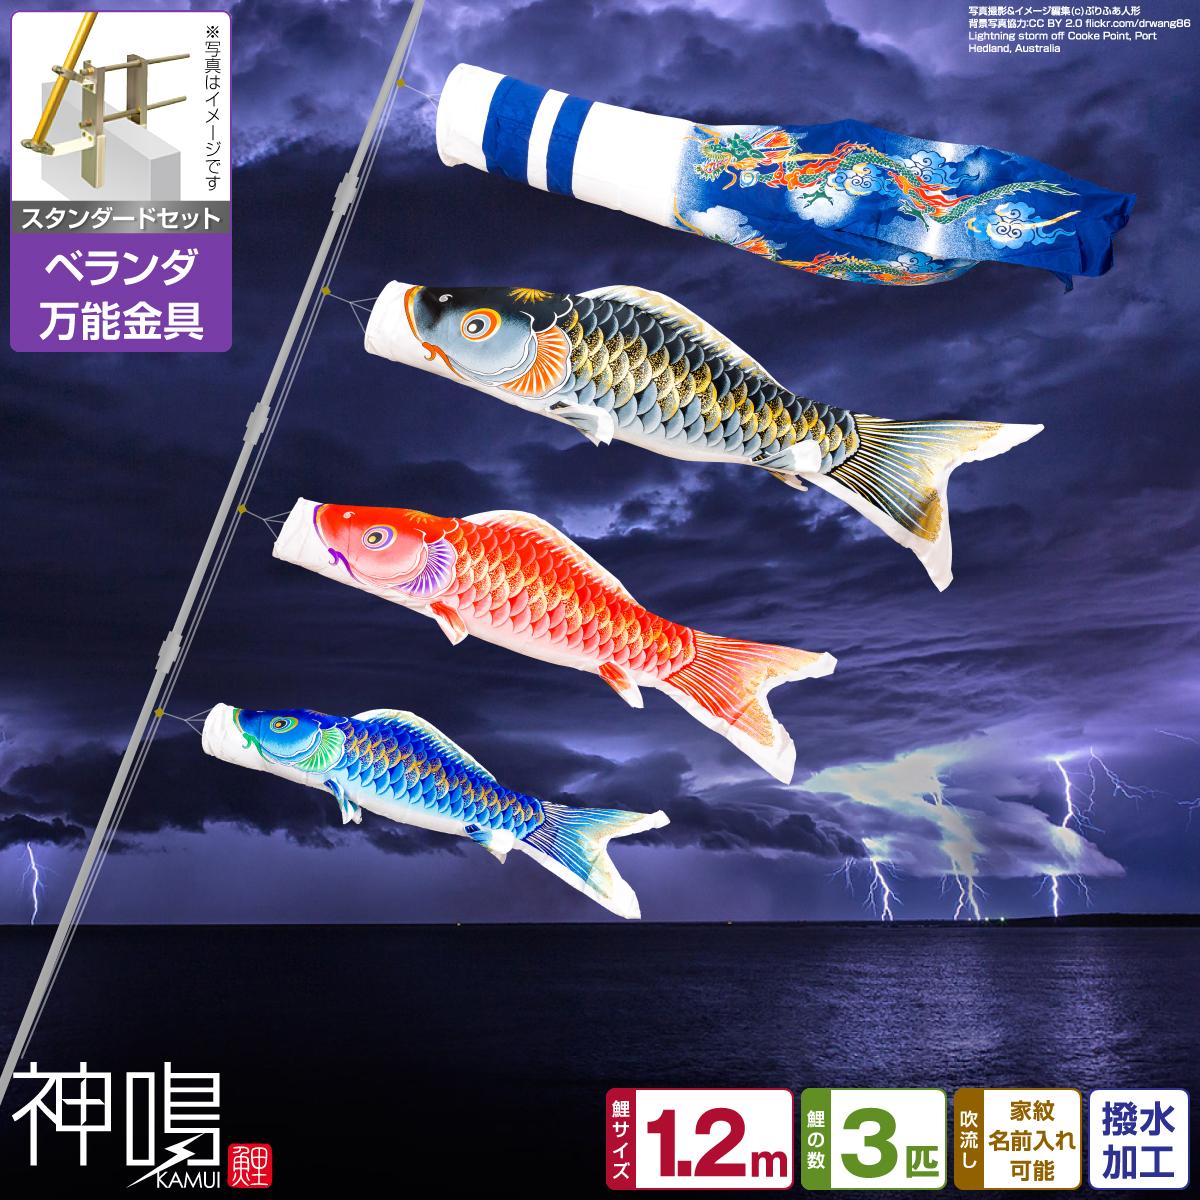 ベランダ用 鯉のぼり 神鳴鯉-KAMUI- 1.2m 6点(吹流し+鯉3匹+矢車+ロープ)/スタンダードセット(万能取付金具)